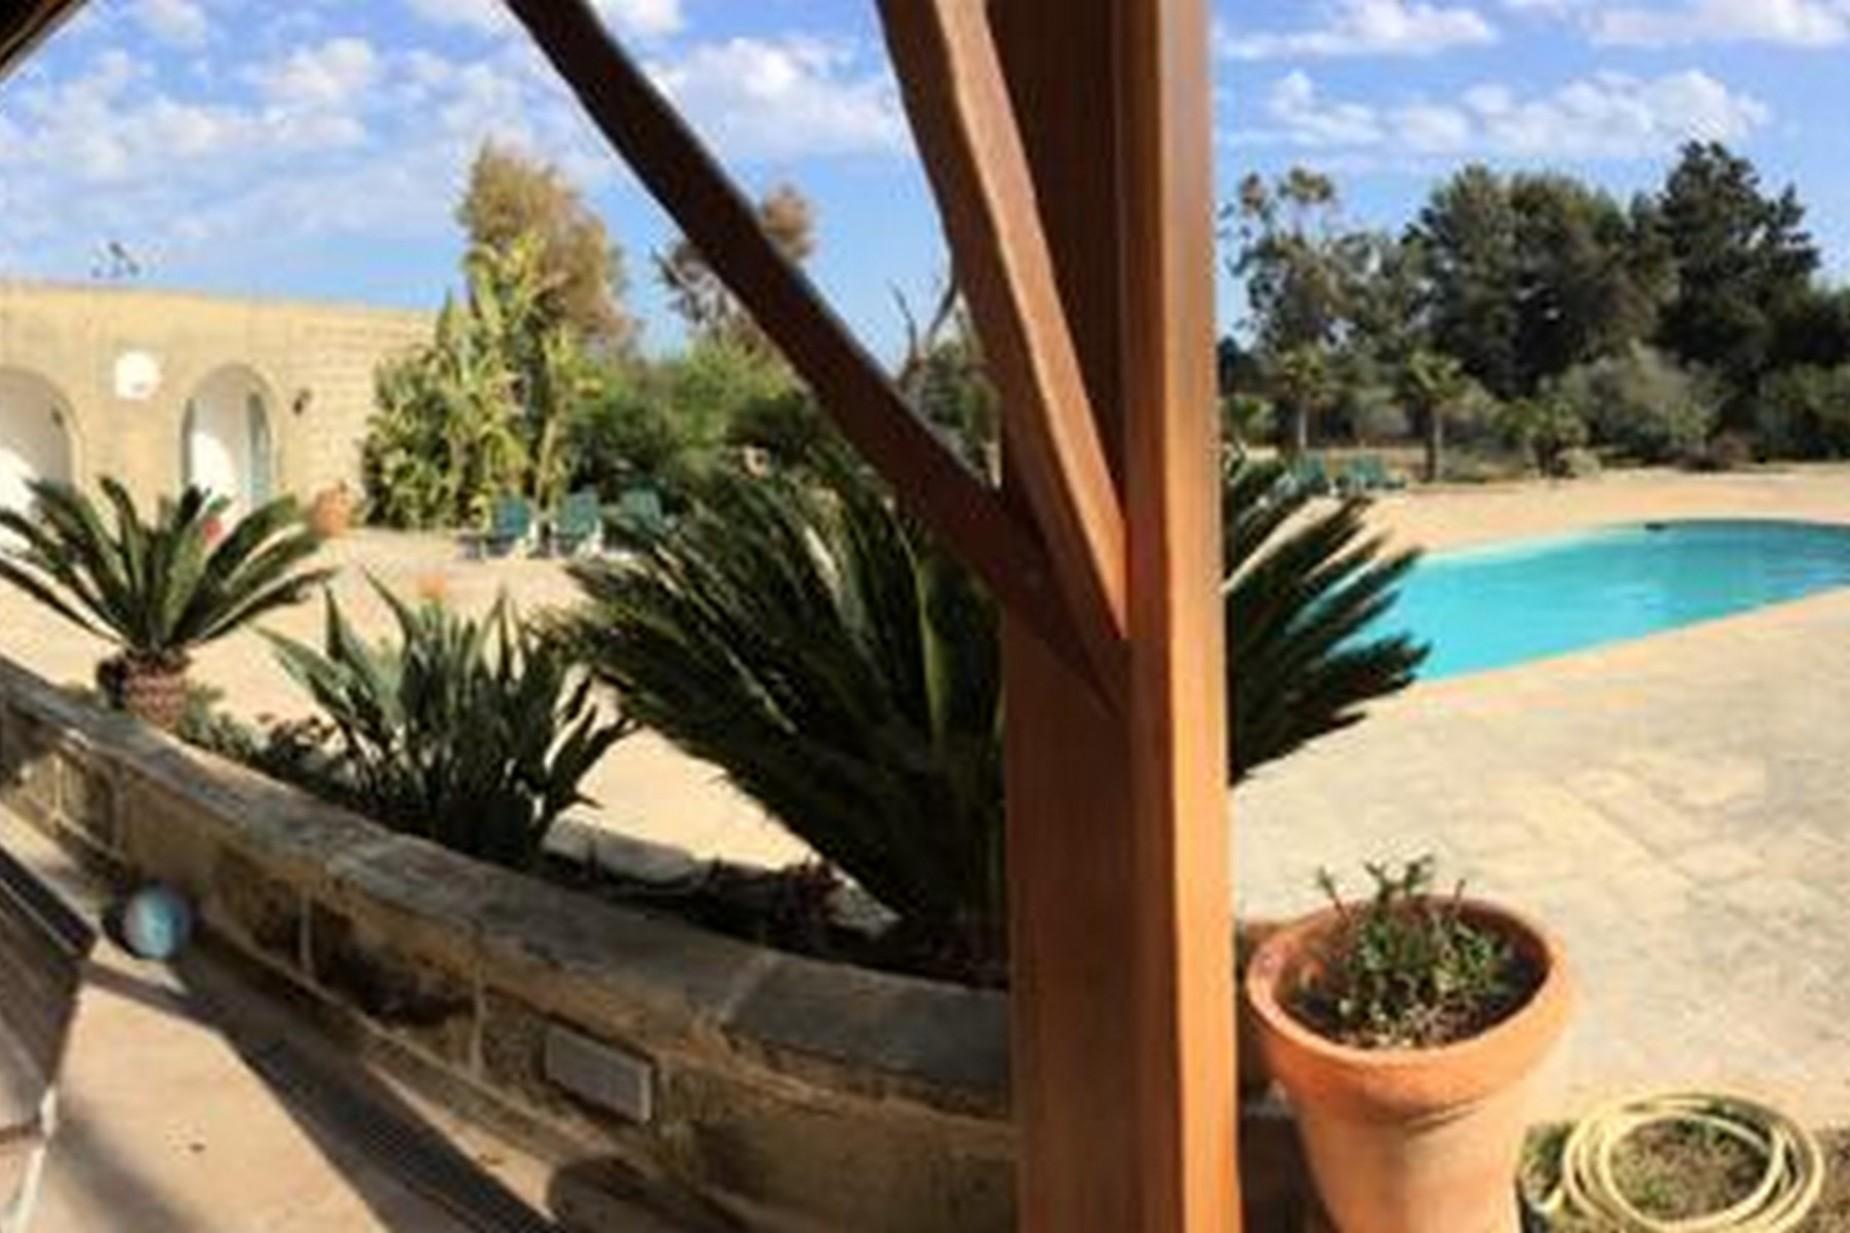 6 bed Villa For Rent in Rabat, Rabat - thumb 10